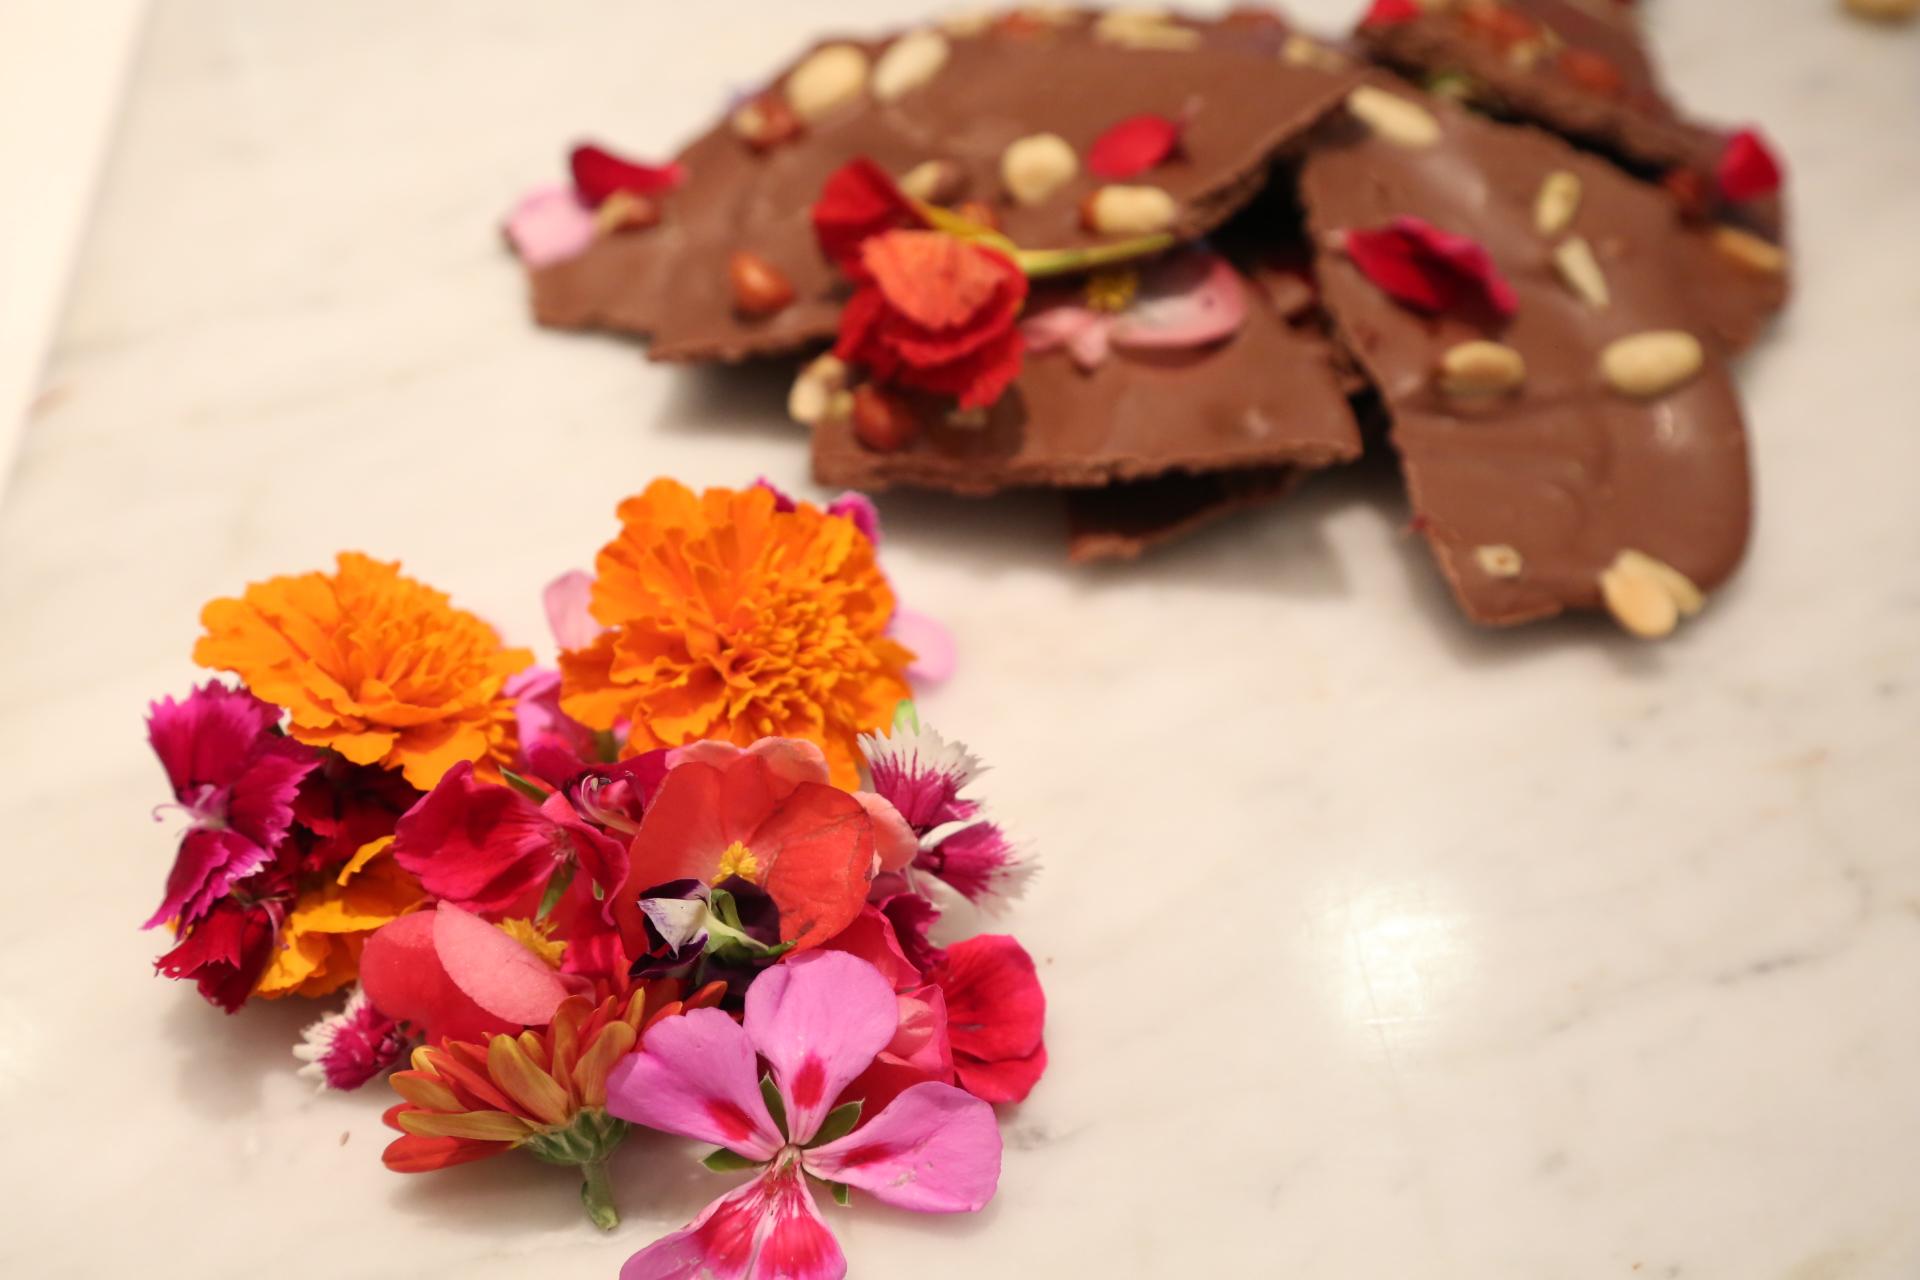 Cocina con flores comestibles y chocolate | Secretaría de Agricultura y  Desarrollo Rural | Gobierno | gob.mx